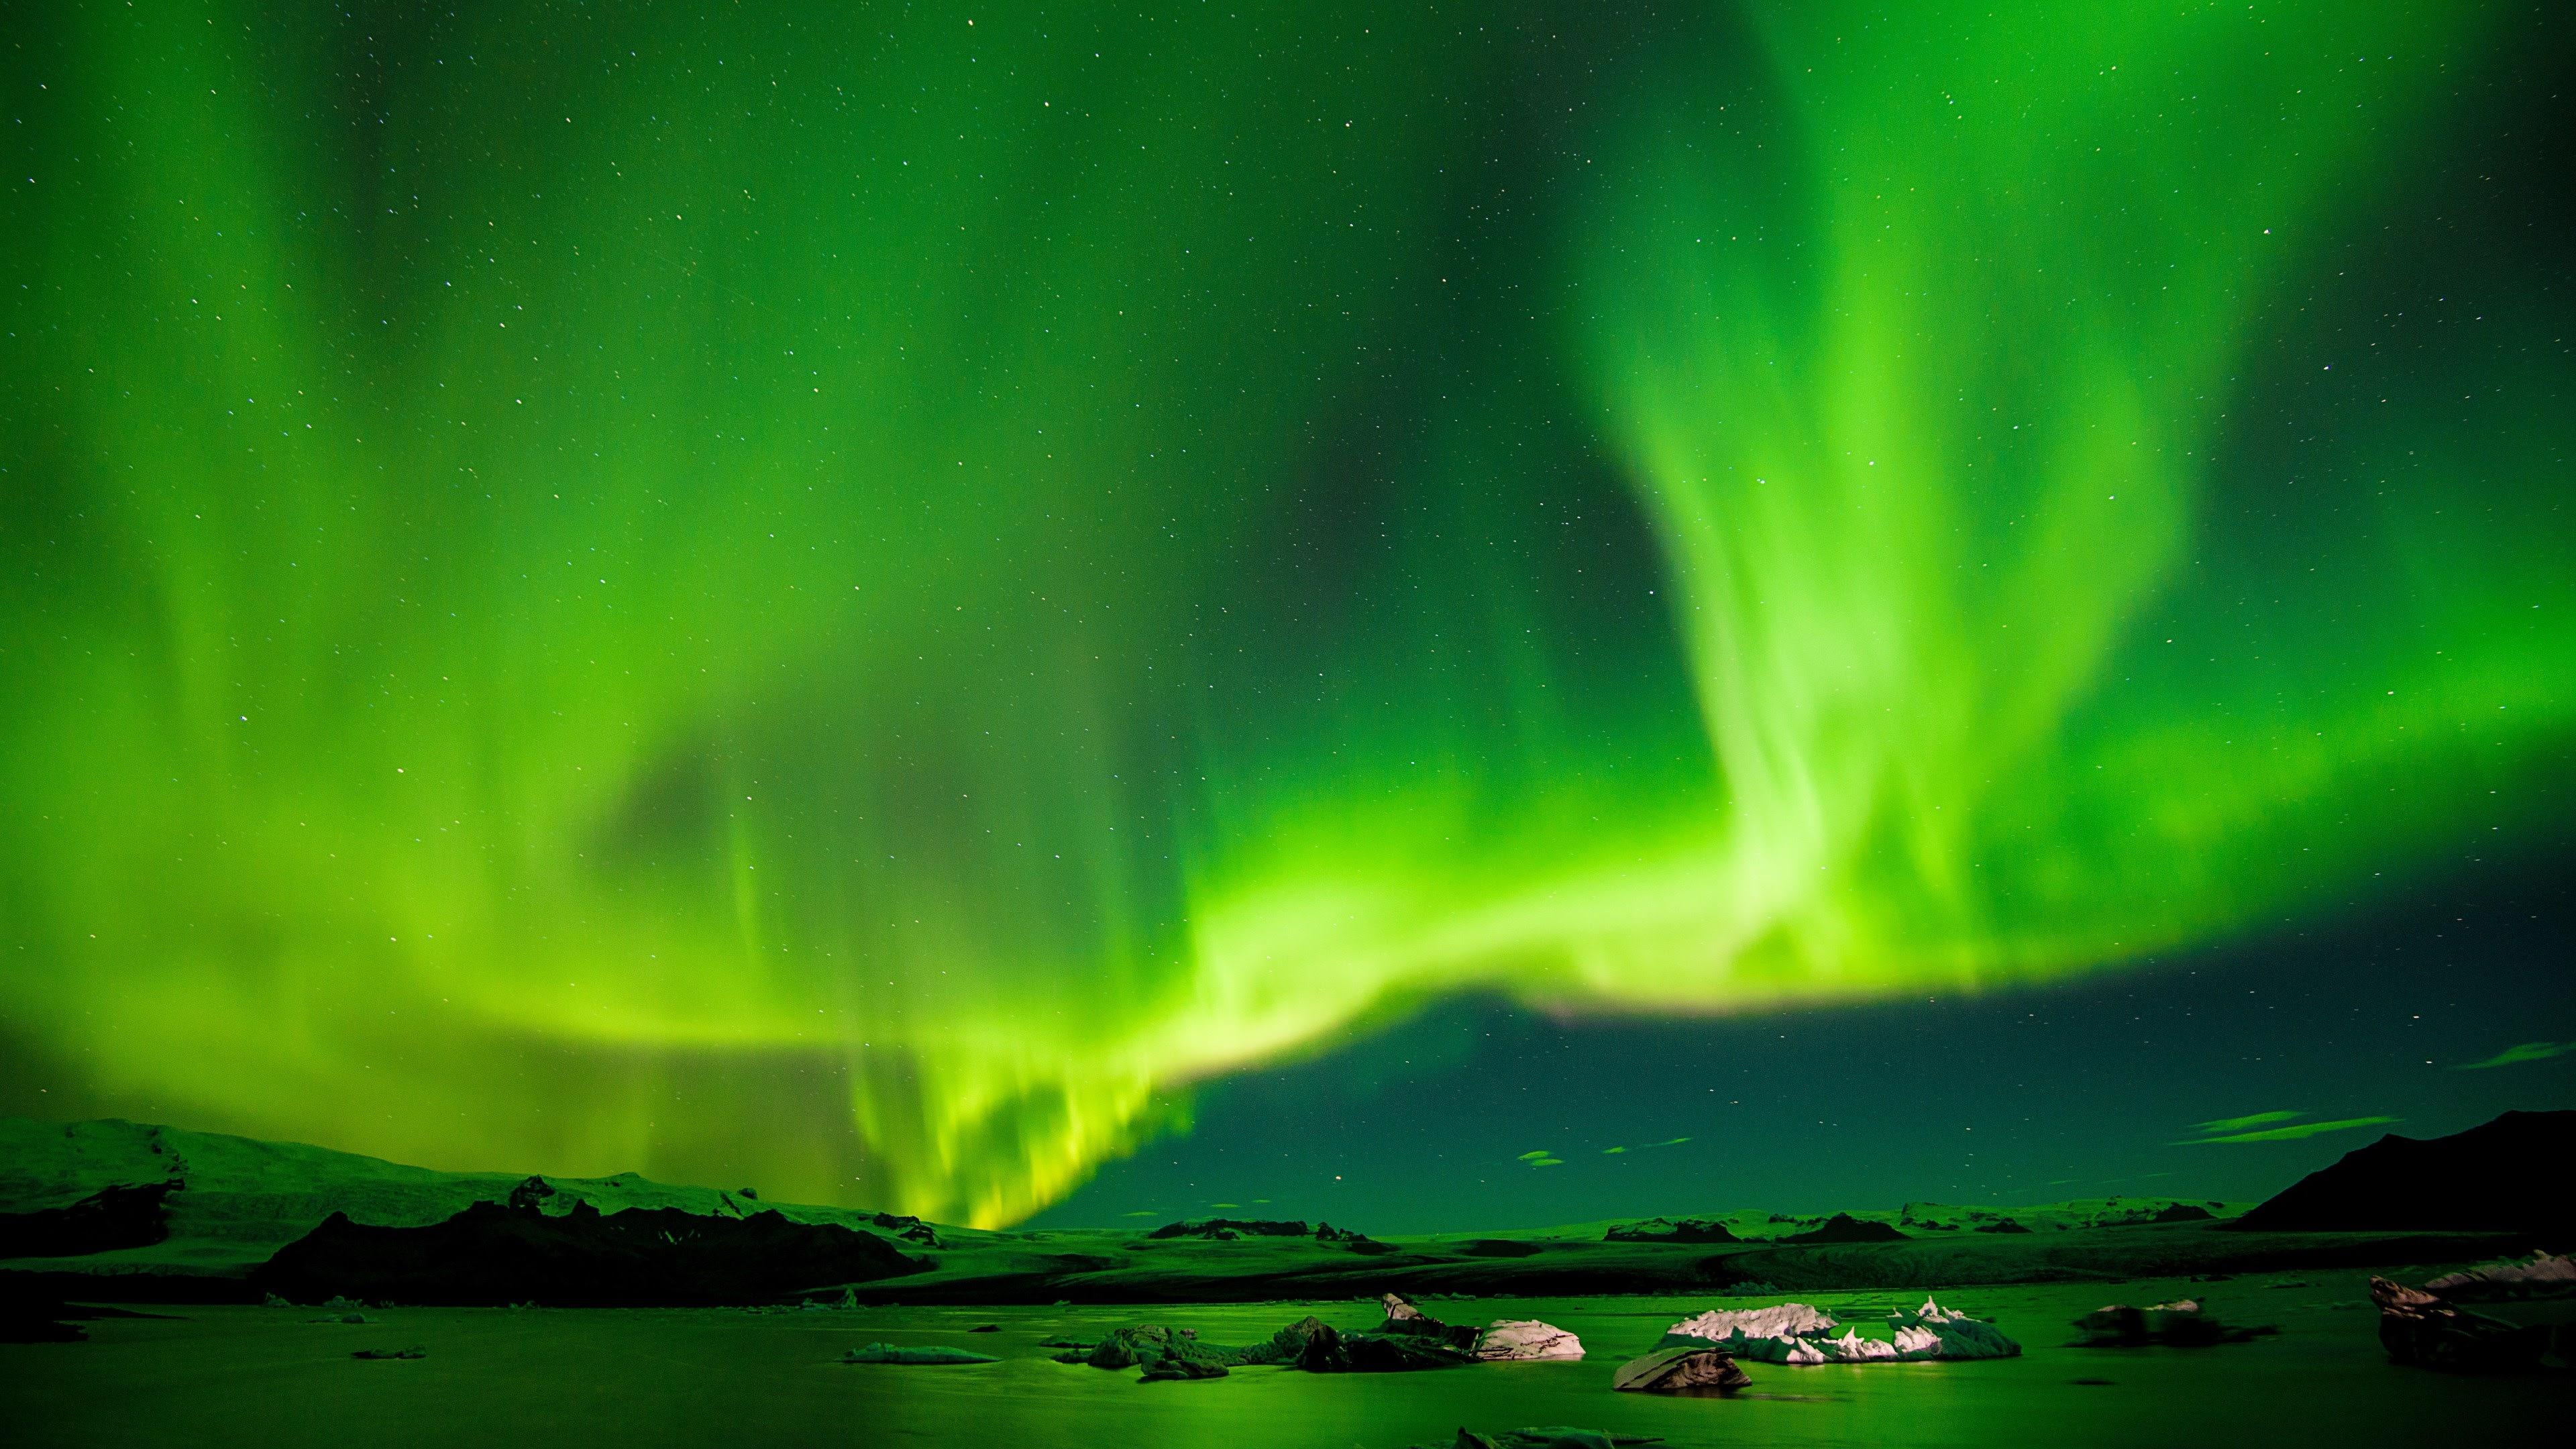 northern lights aurora 4k 1551643973 - Northern Lights Aurora 4k - northern lights wallpapers, nature wallpapers, hd-wallpapers, green wallpapers, aurora wallpapers, 4k-wallpapers